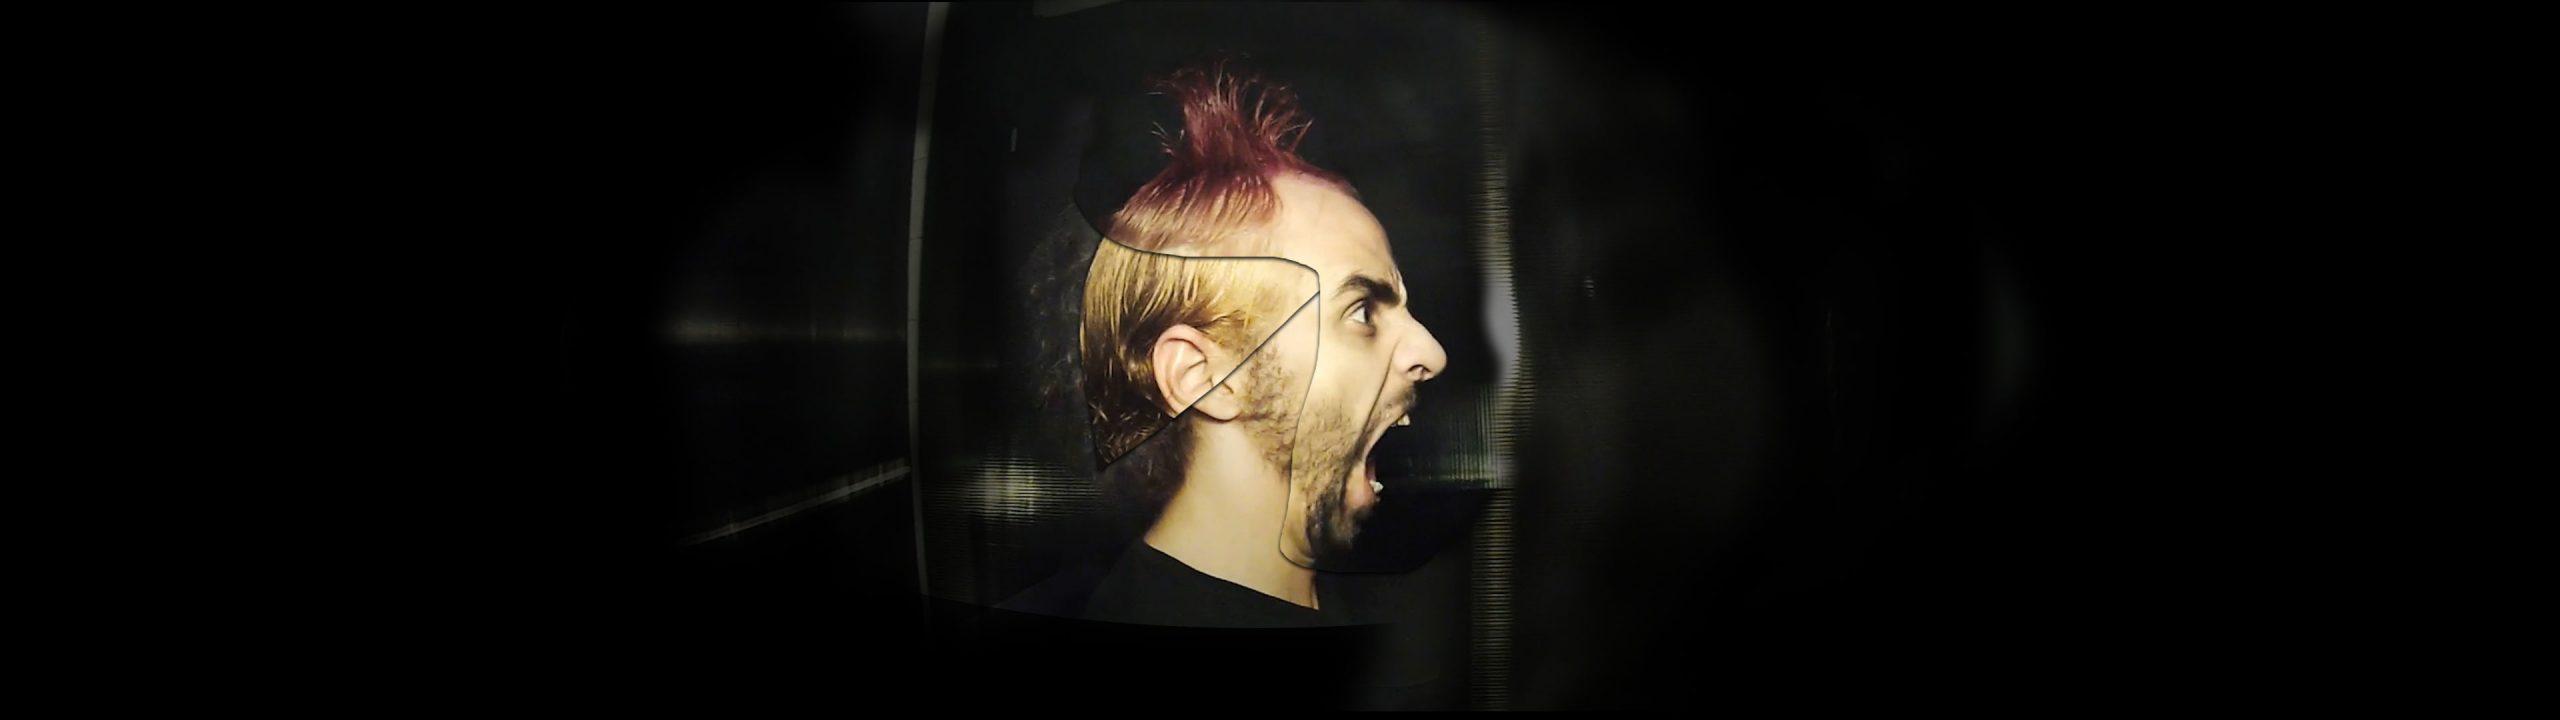 El último corte de pelo